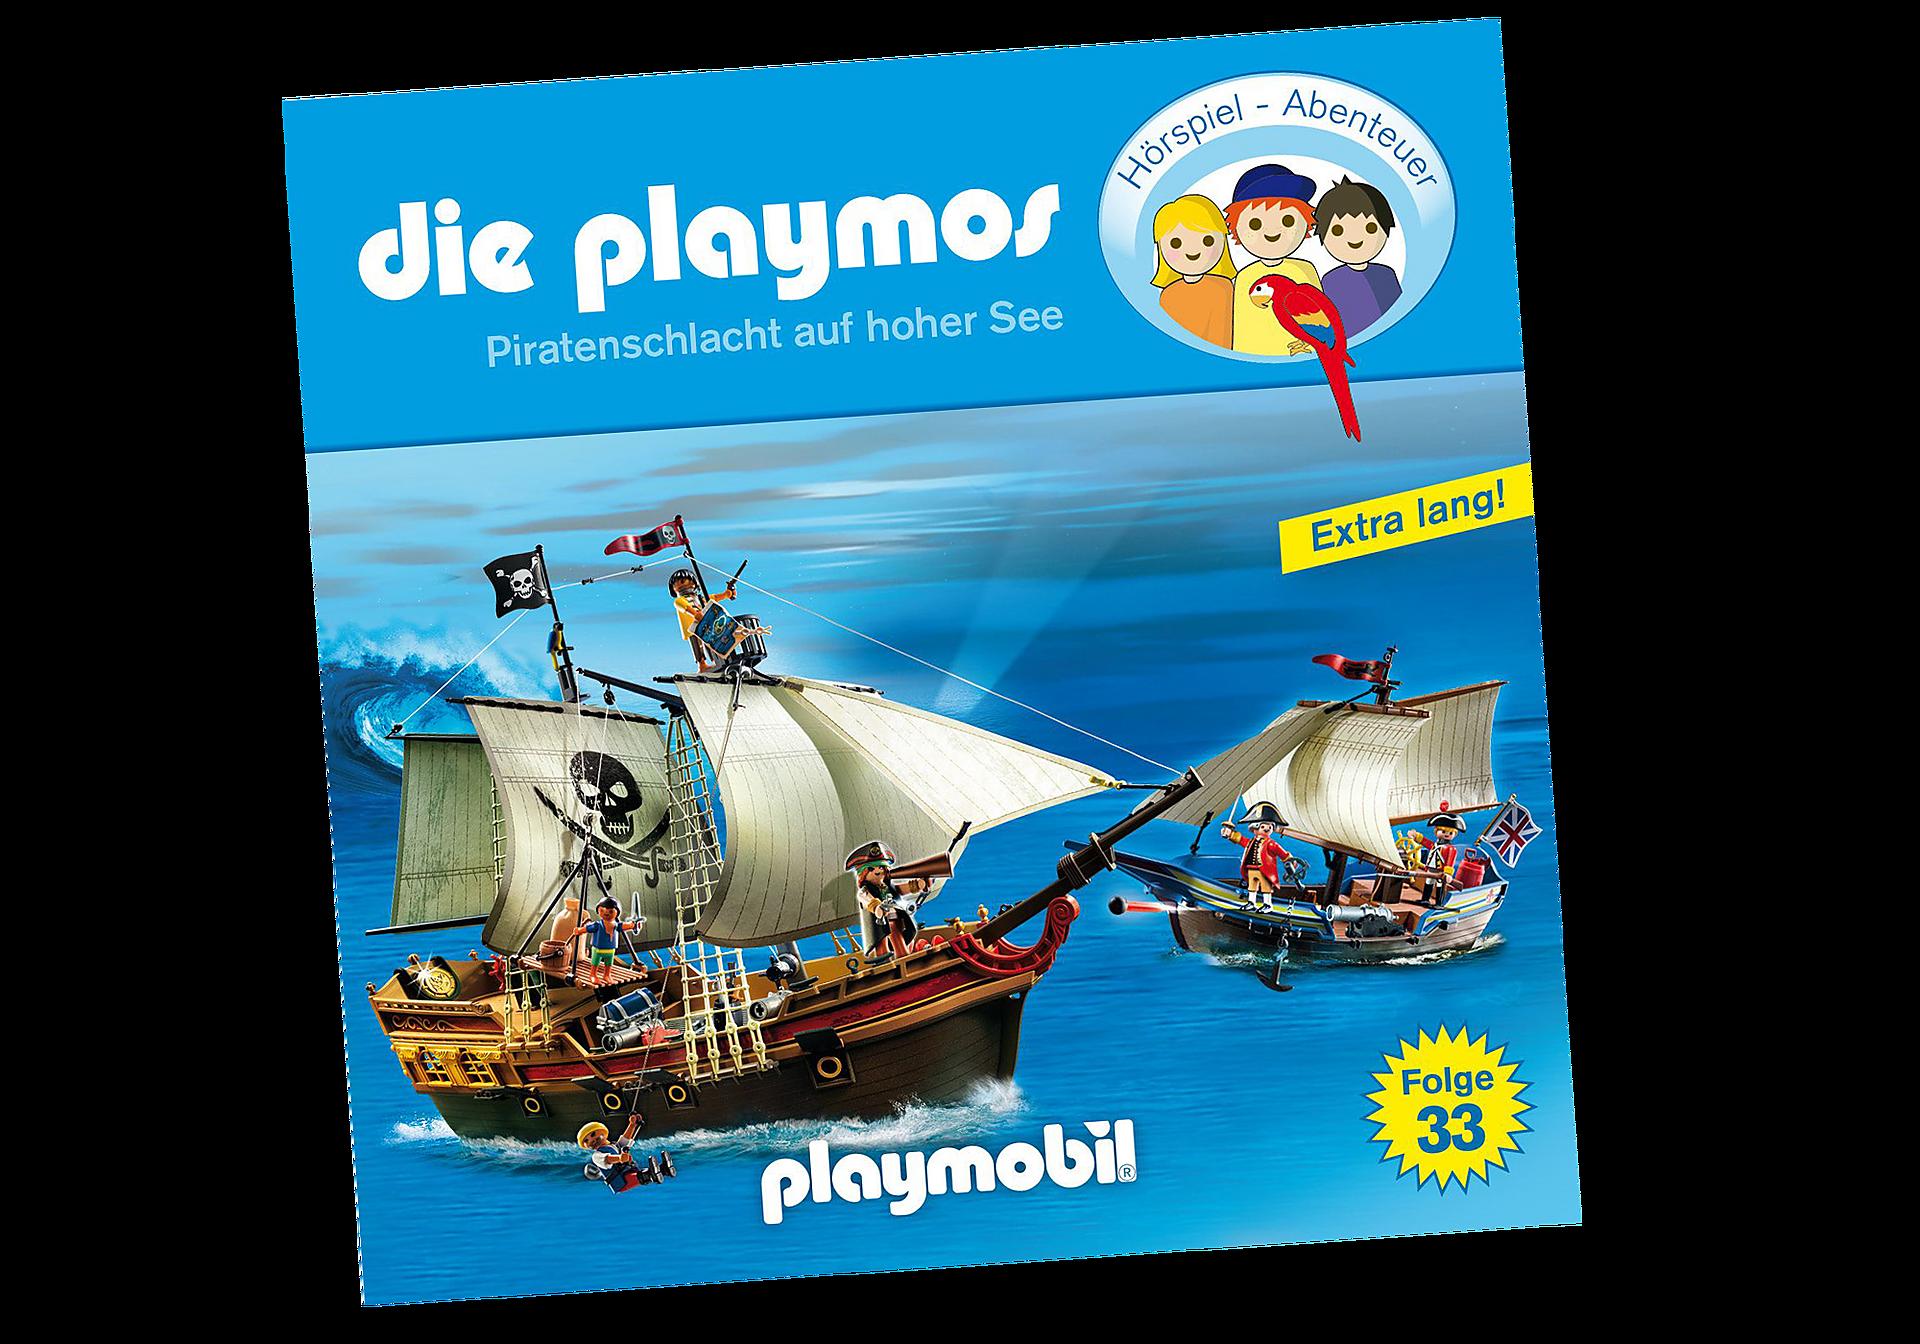 80444 Piratenschlacht auf hoher See (33) - CD zoom image1